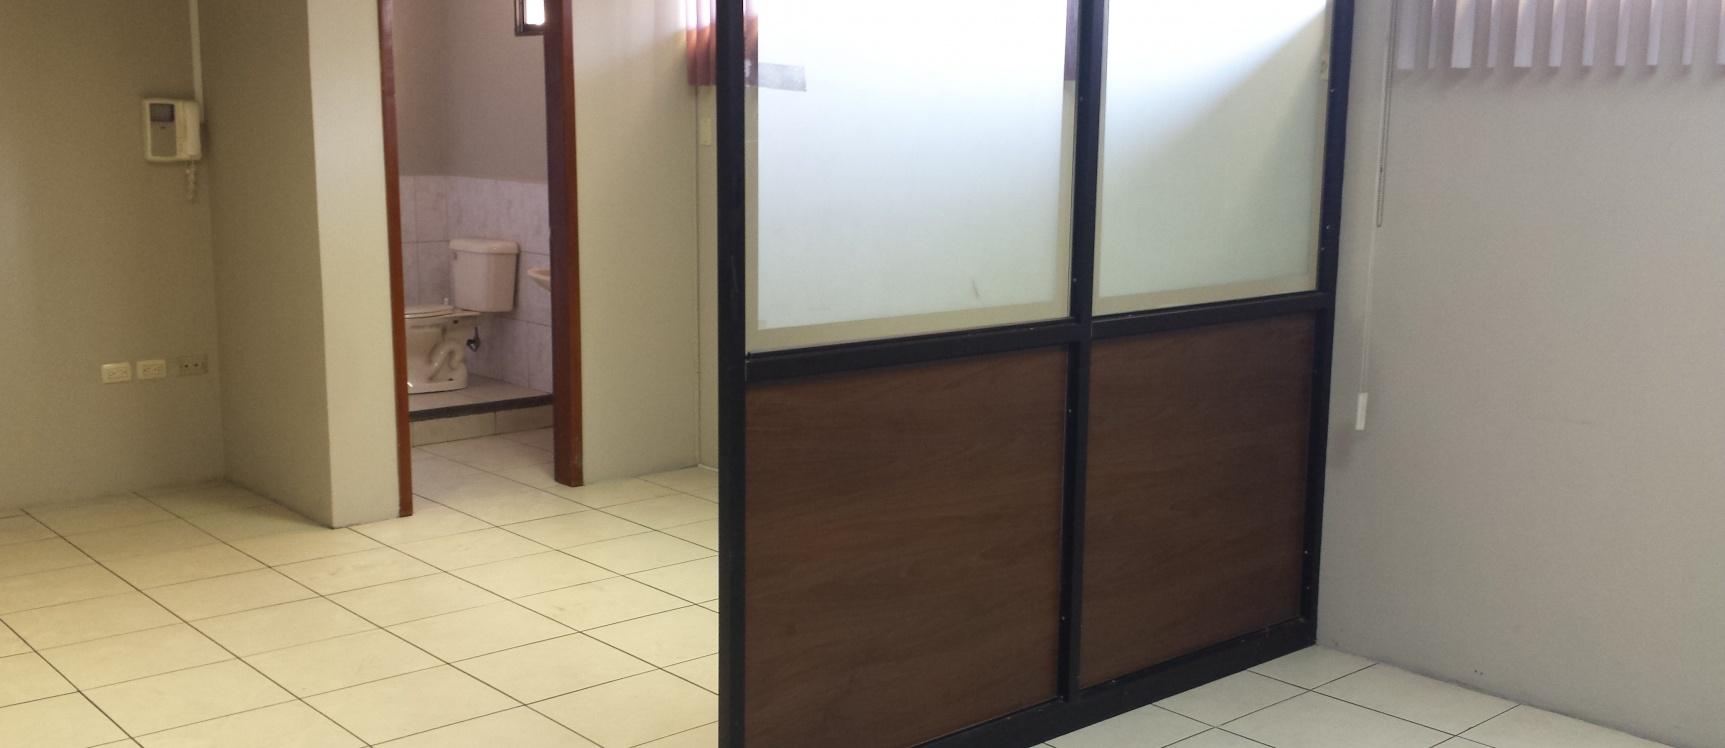 GeoBienes - Kennedy alquilo oficina nueva  - Plusvalia Guayaquil Casas de venta y alquiler Inmobiliaria Ecuador